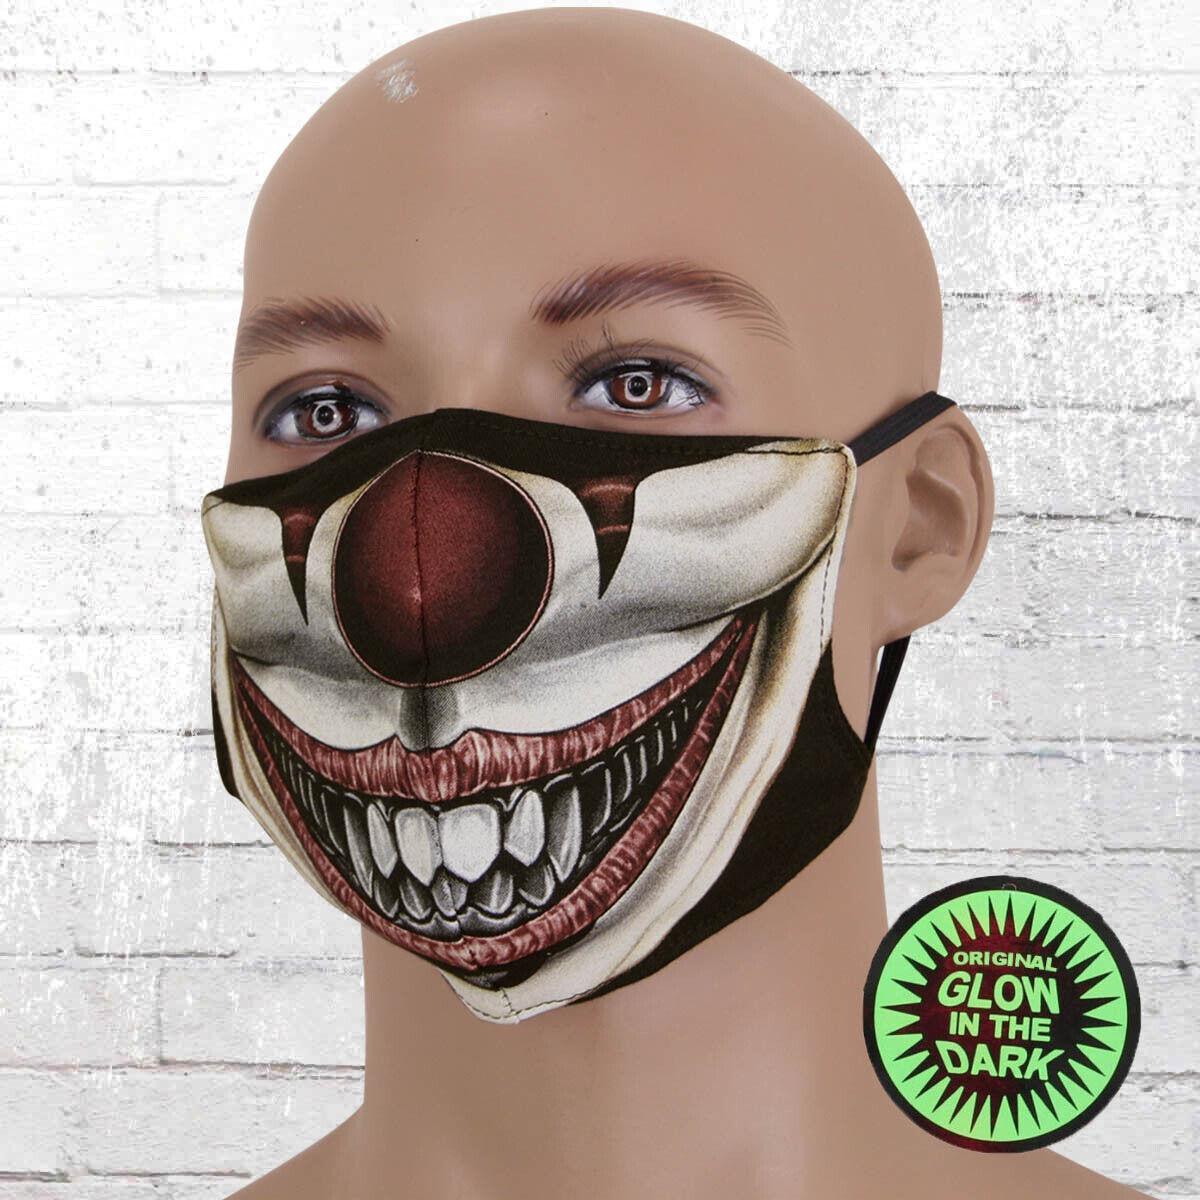 Viper Motiv Maske Glow In The Dark Clown bunt Mund Nasen Bedeckung Leuchtmaske